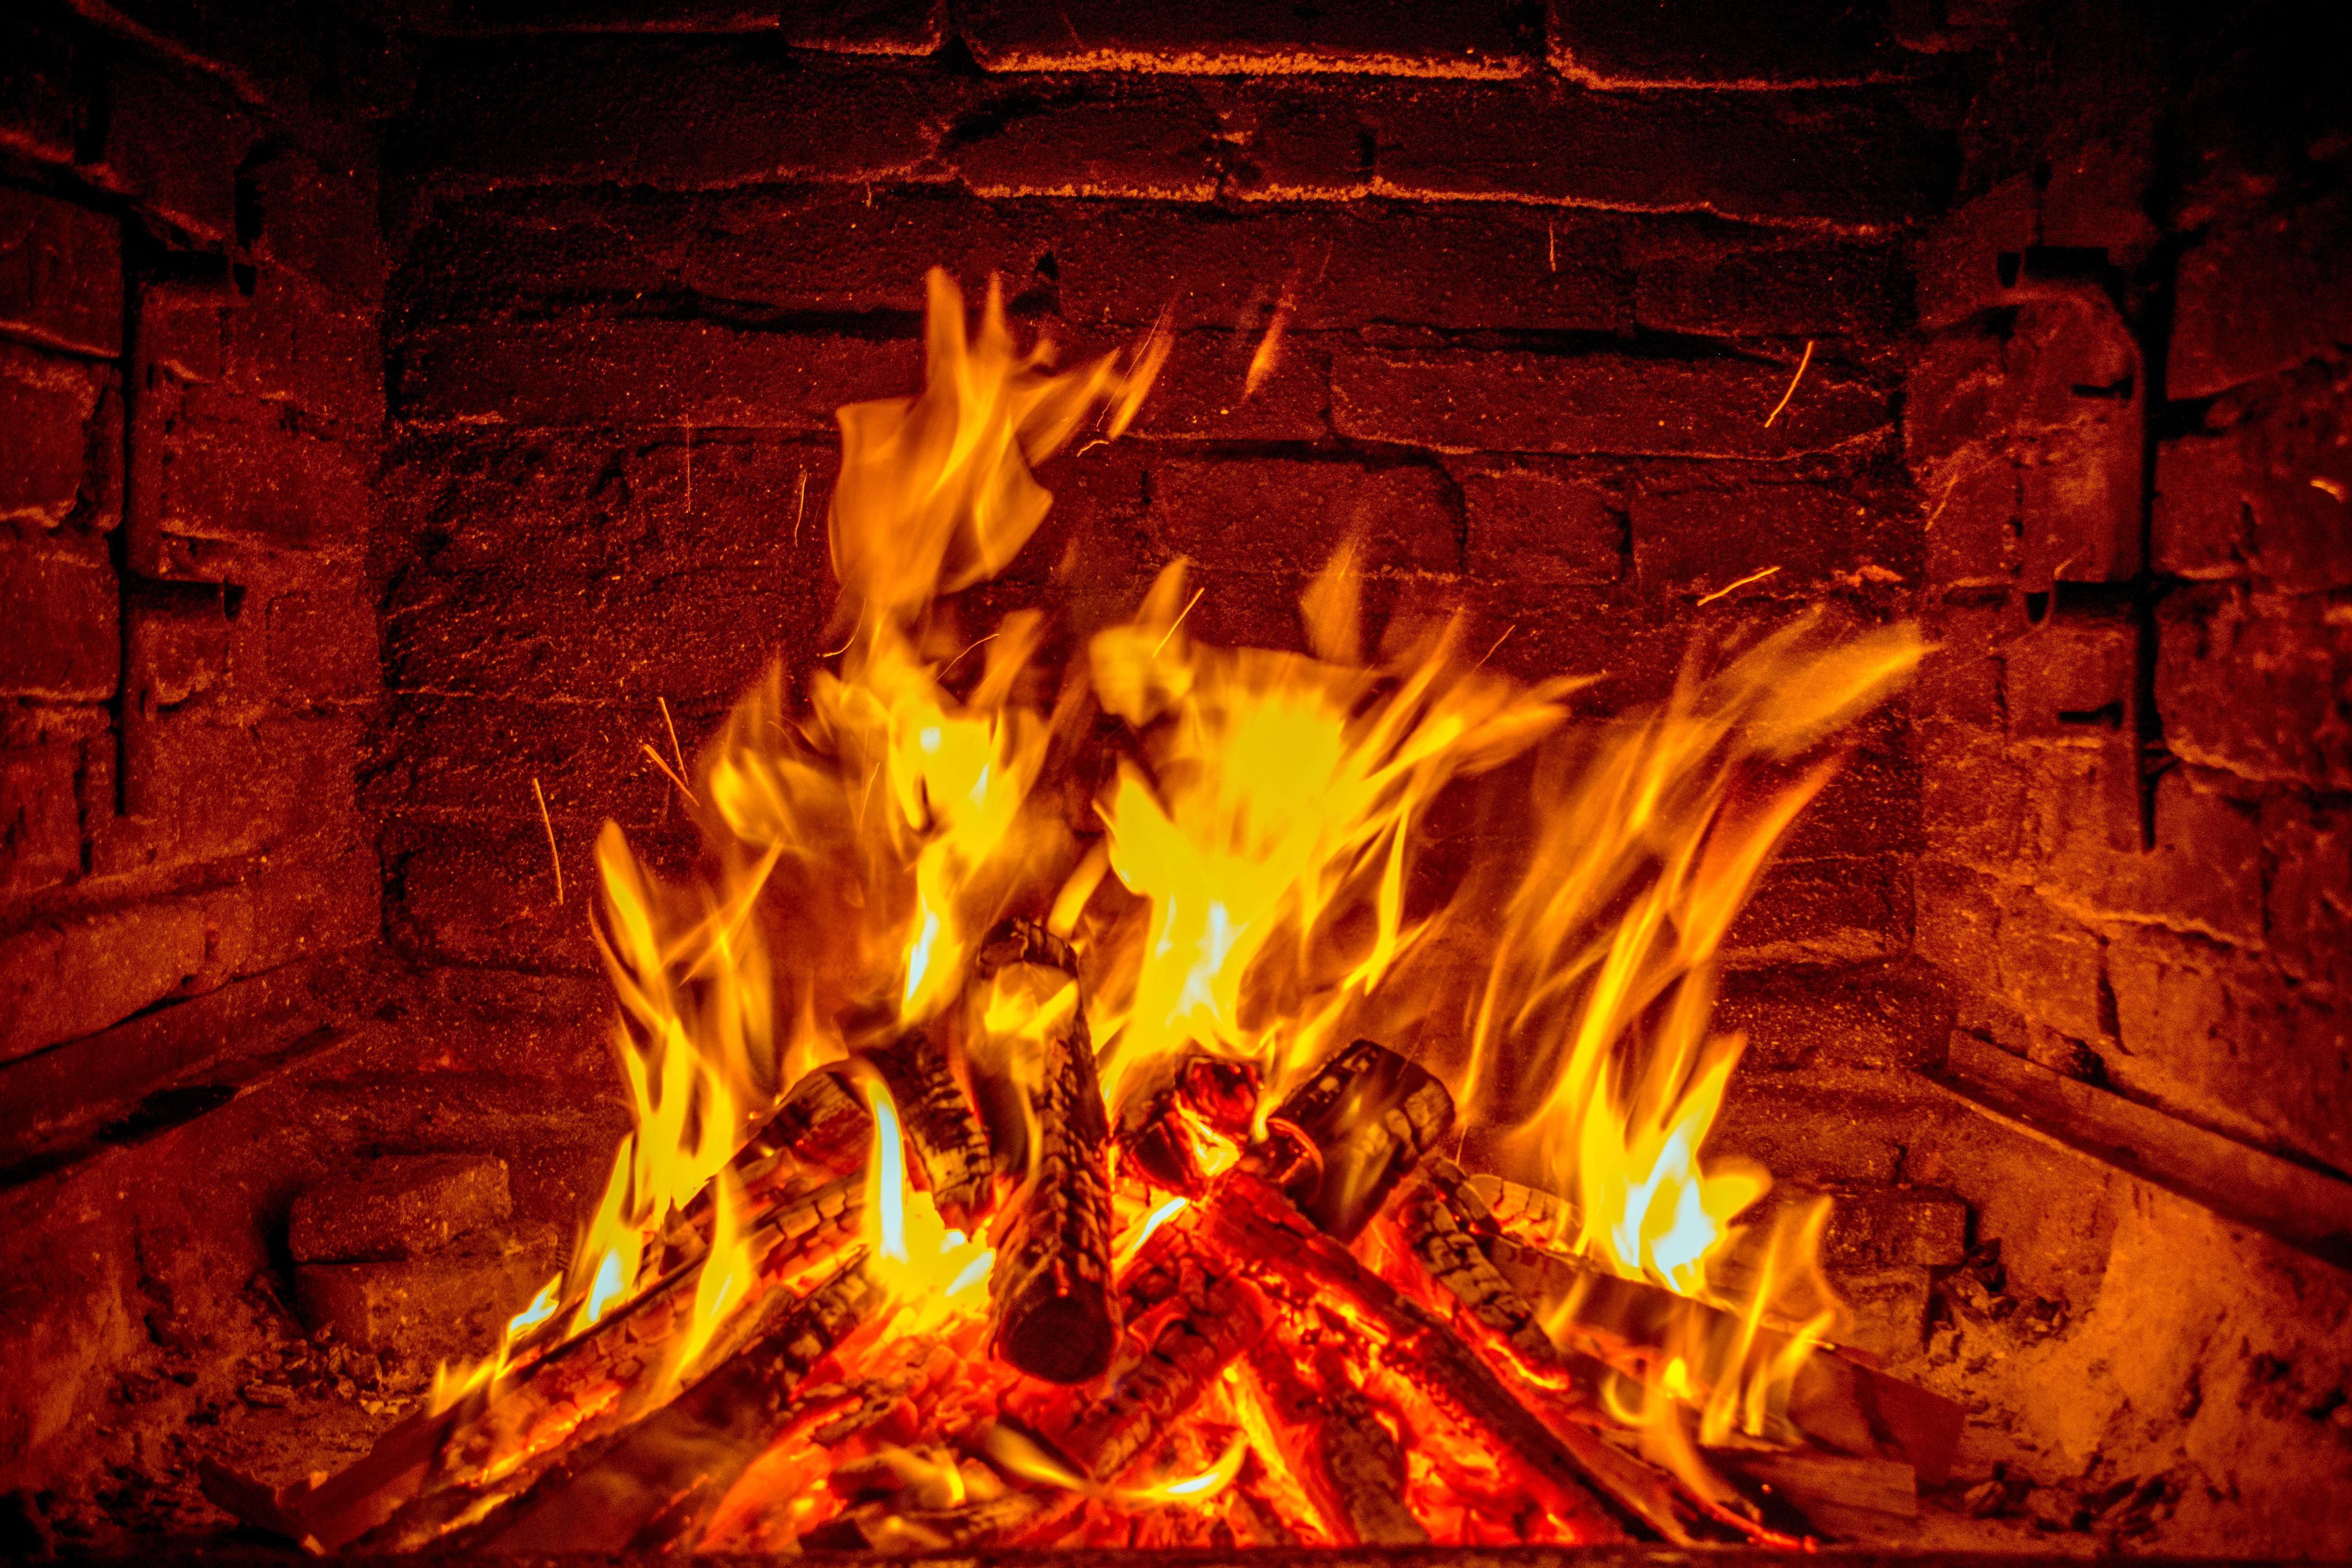 Картинка горящего огня